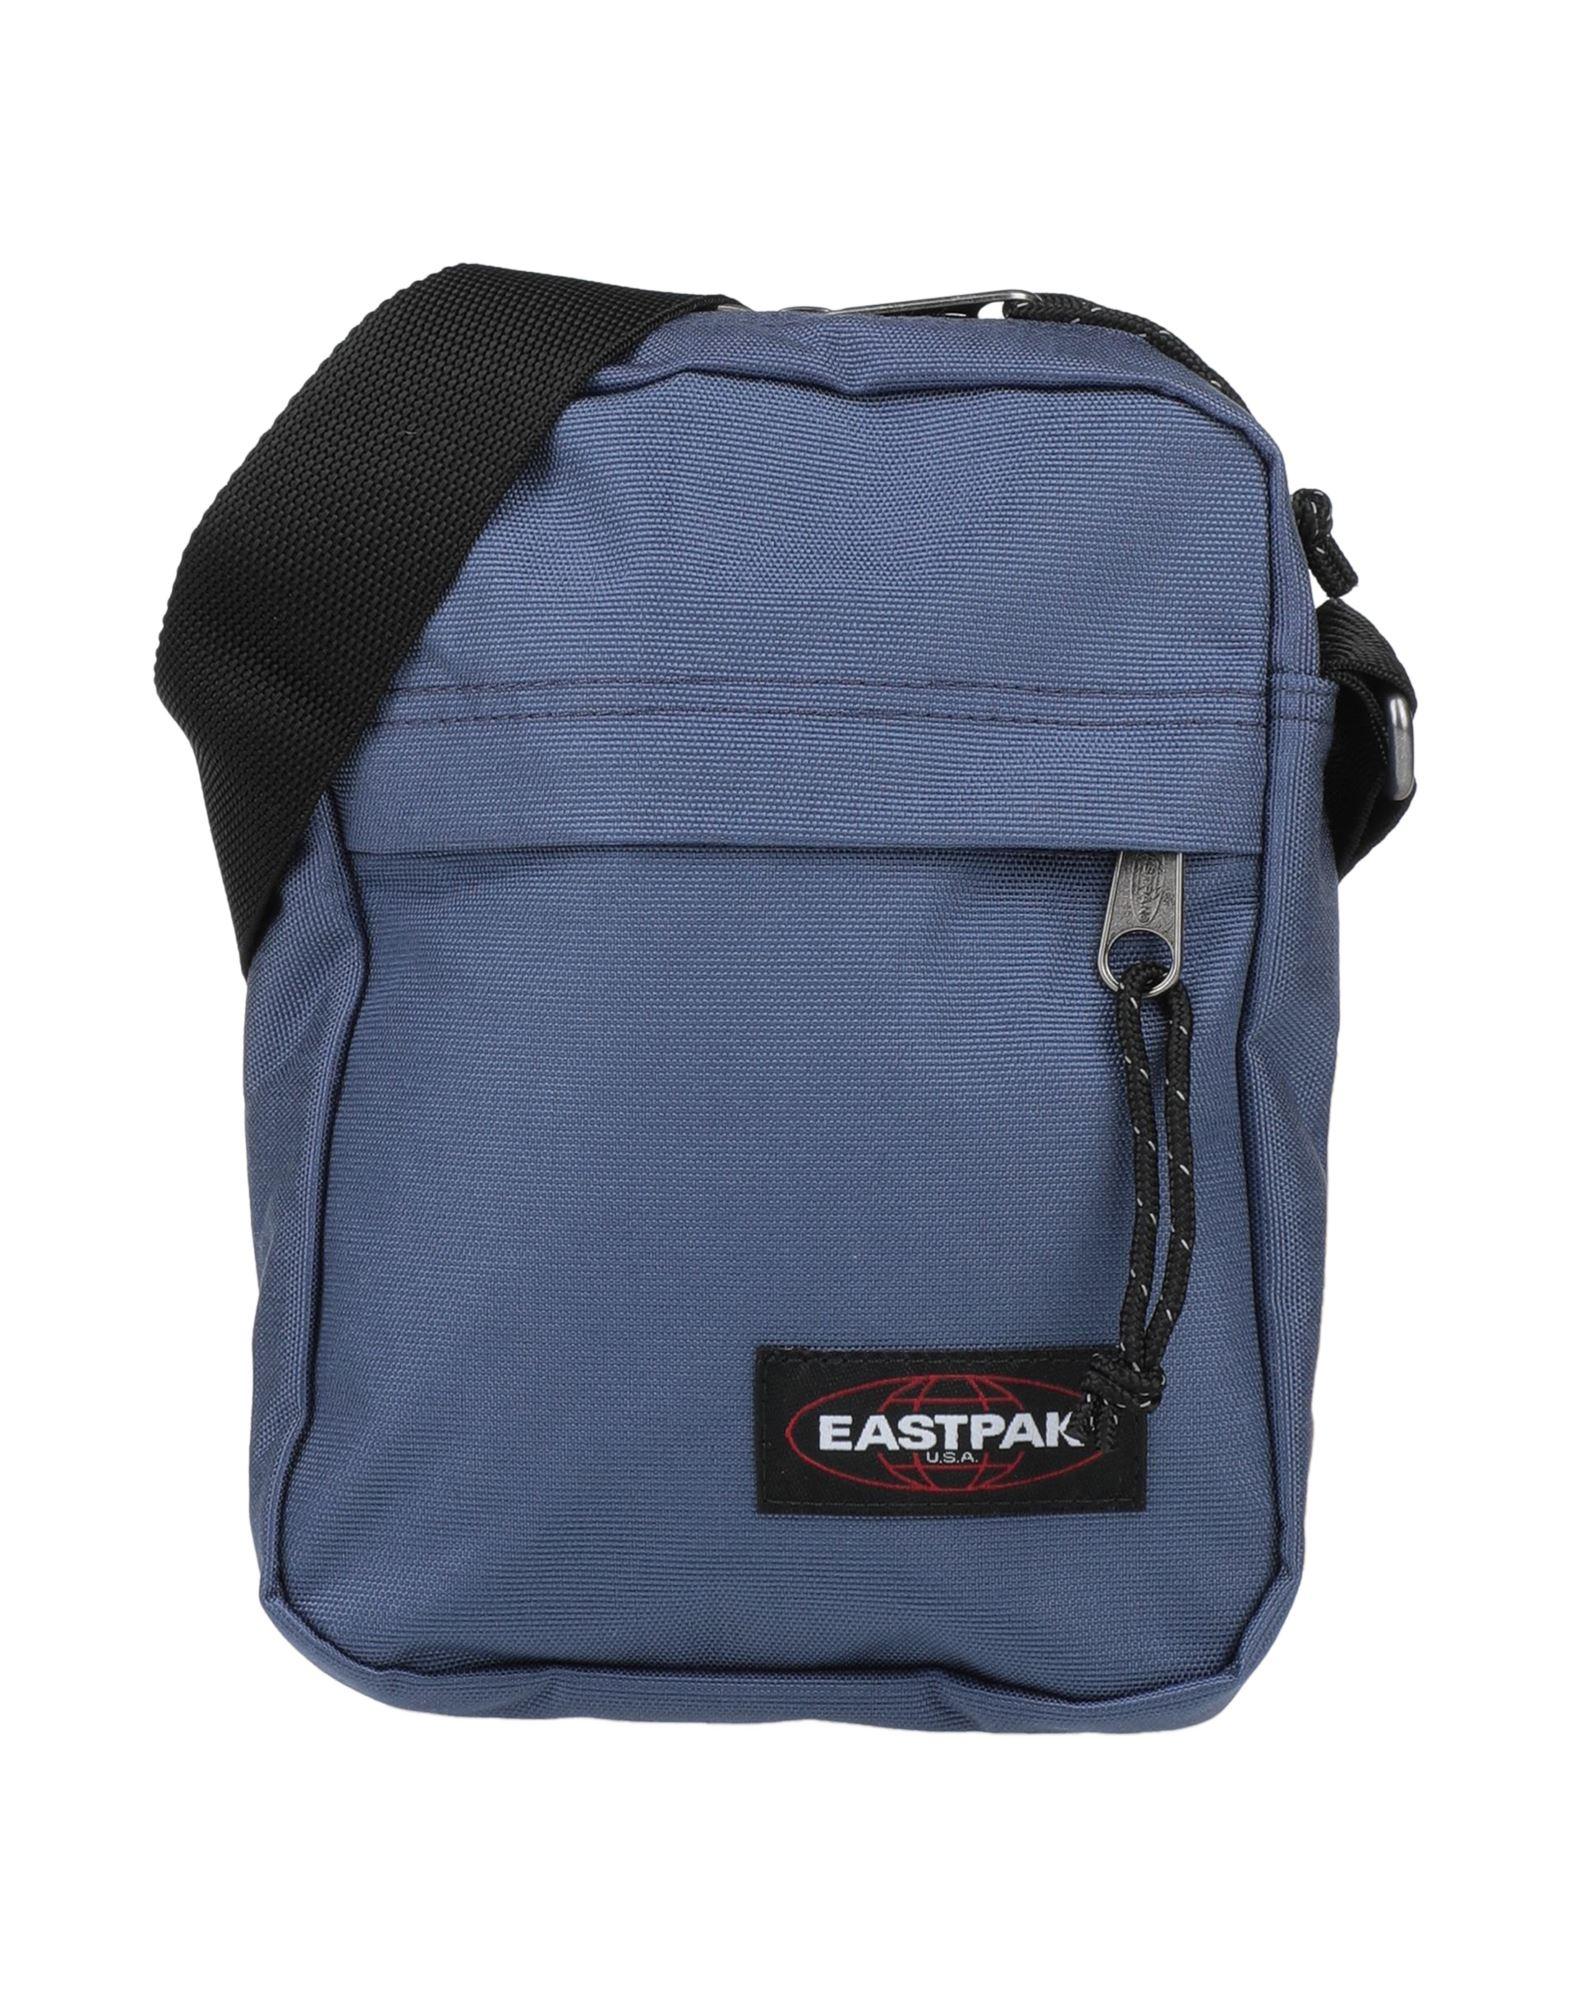 《セール開催中》EASTPAK メンズ メッセンジャーバッグ ブルーグレー ナイロン 100%